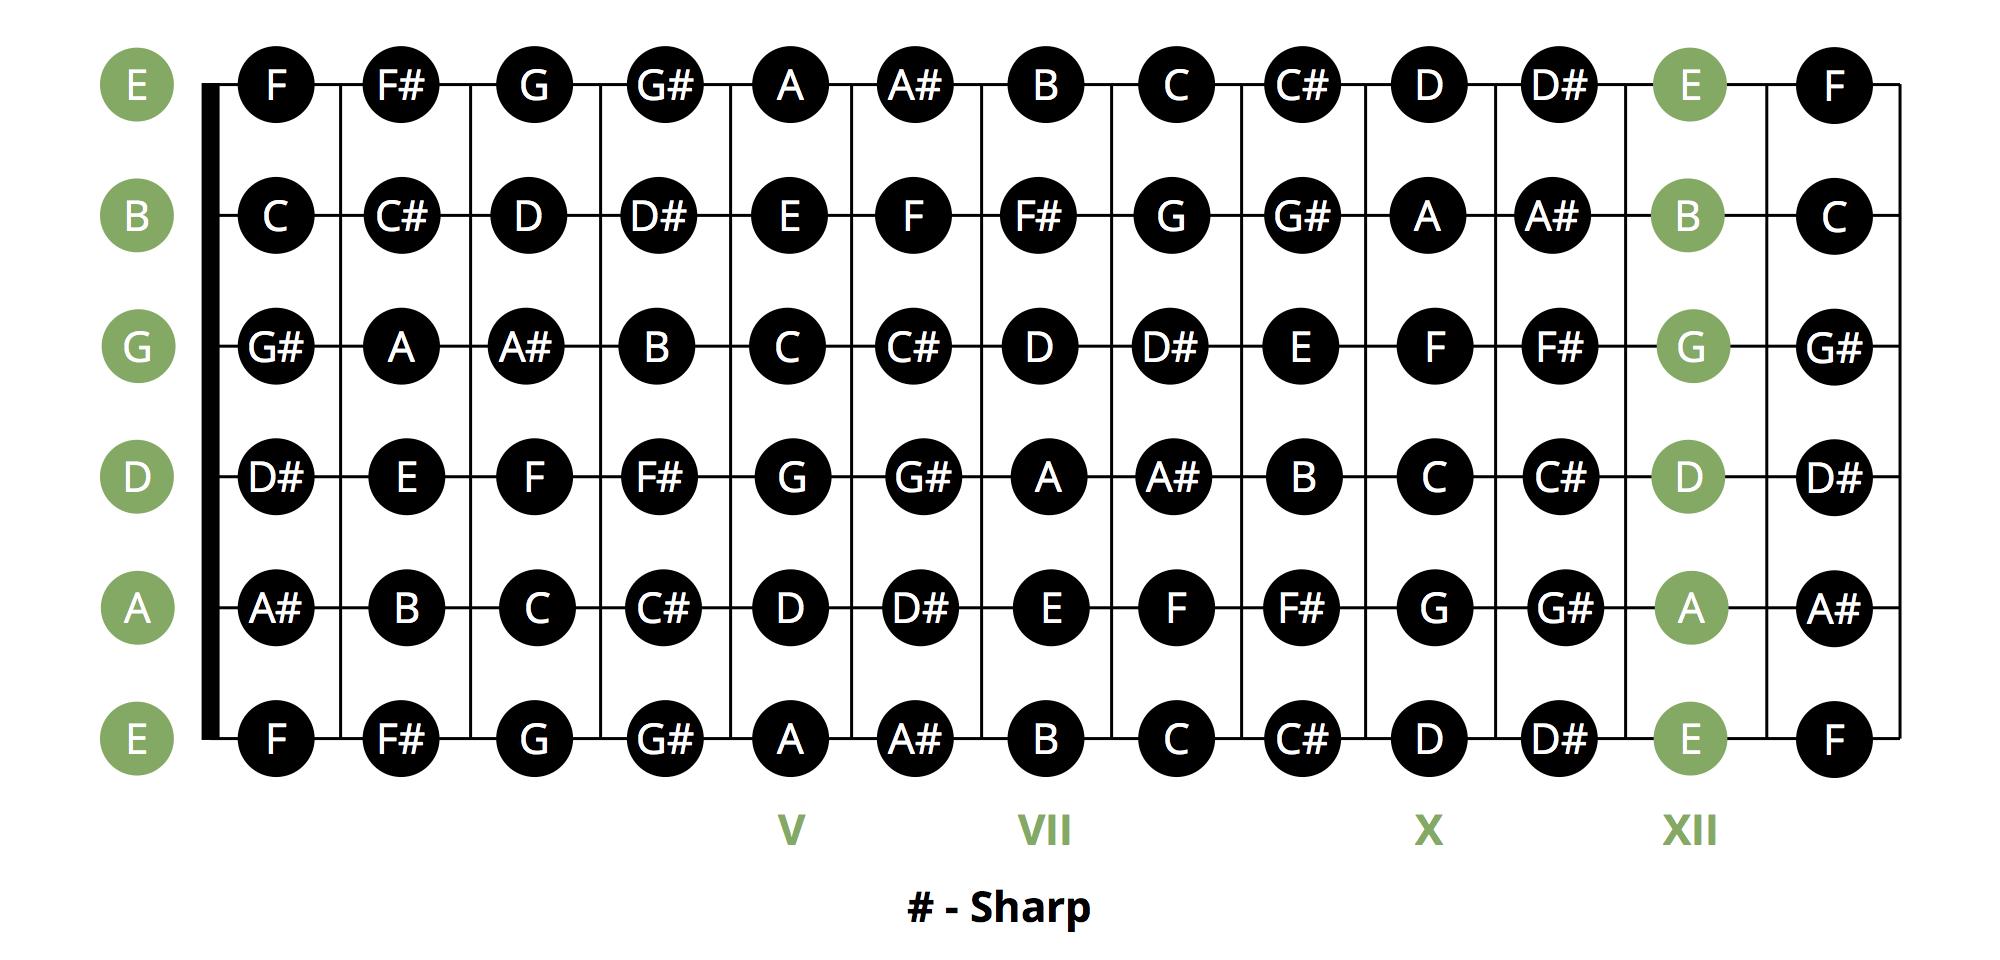 Guitar Chord Chart Most Popular Beginner Guitar Chords Chart Musician Tuts